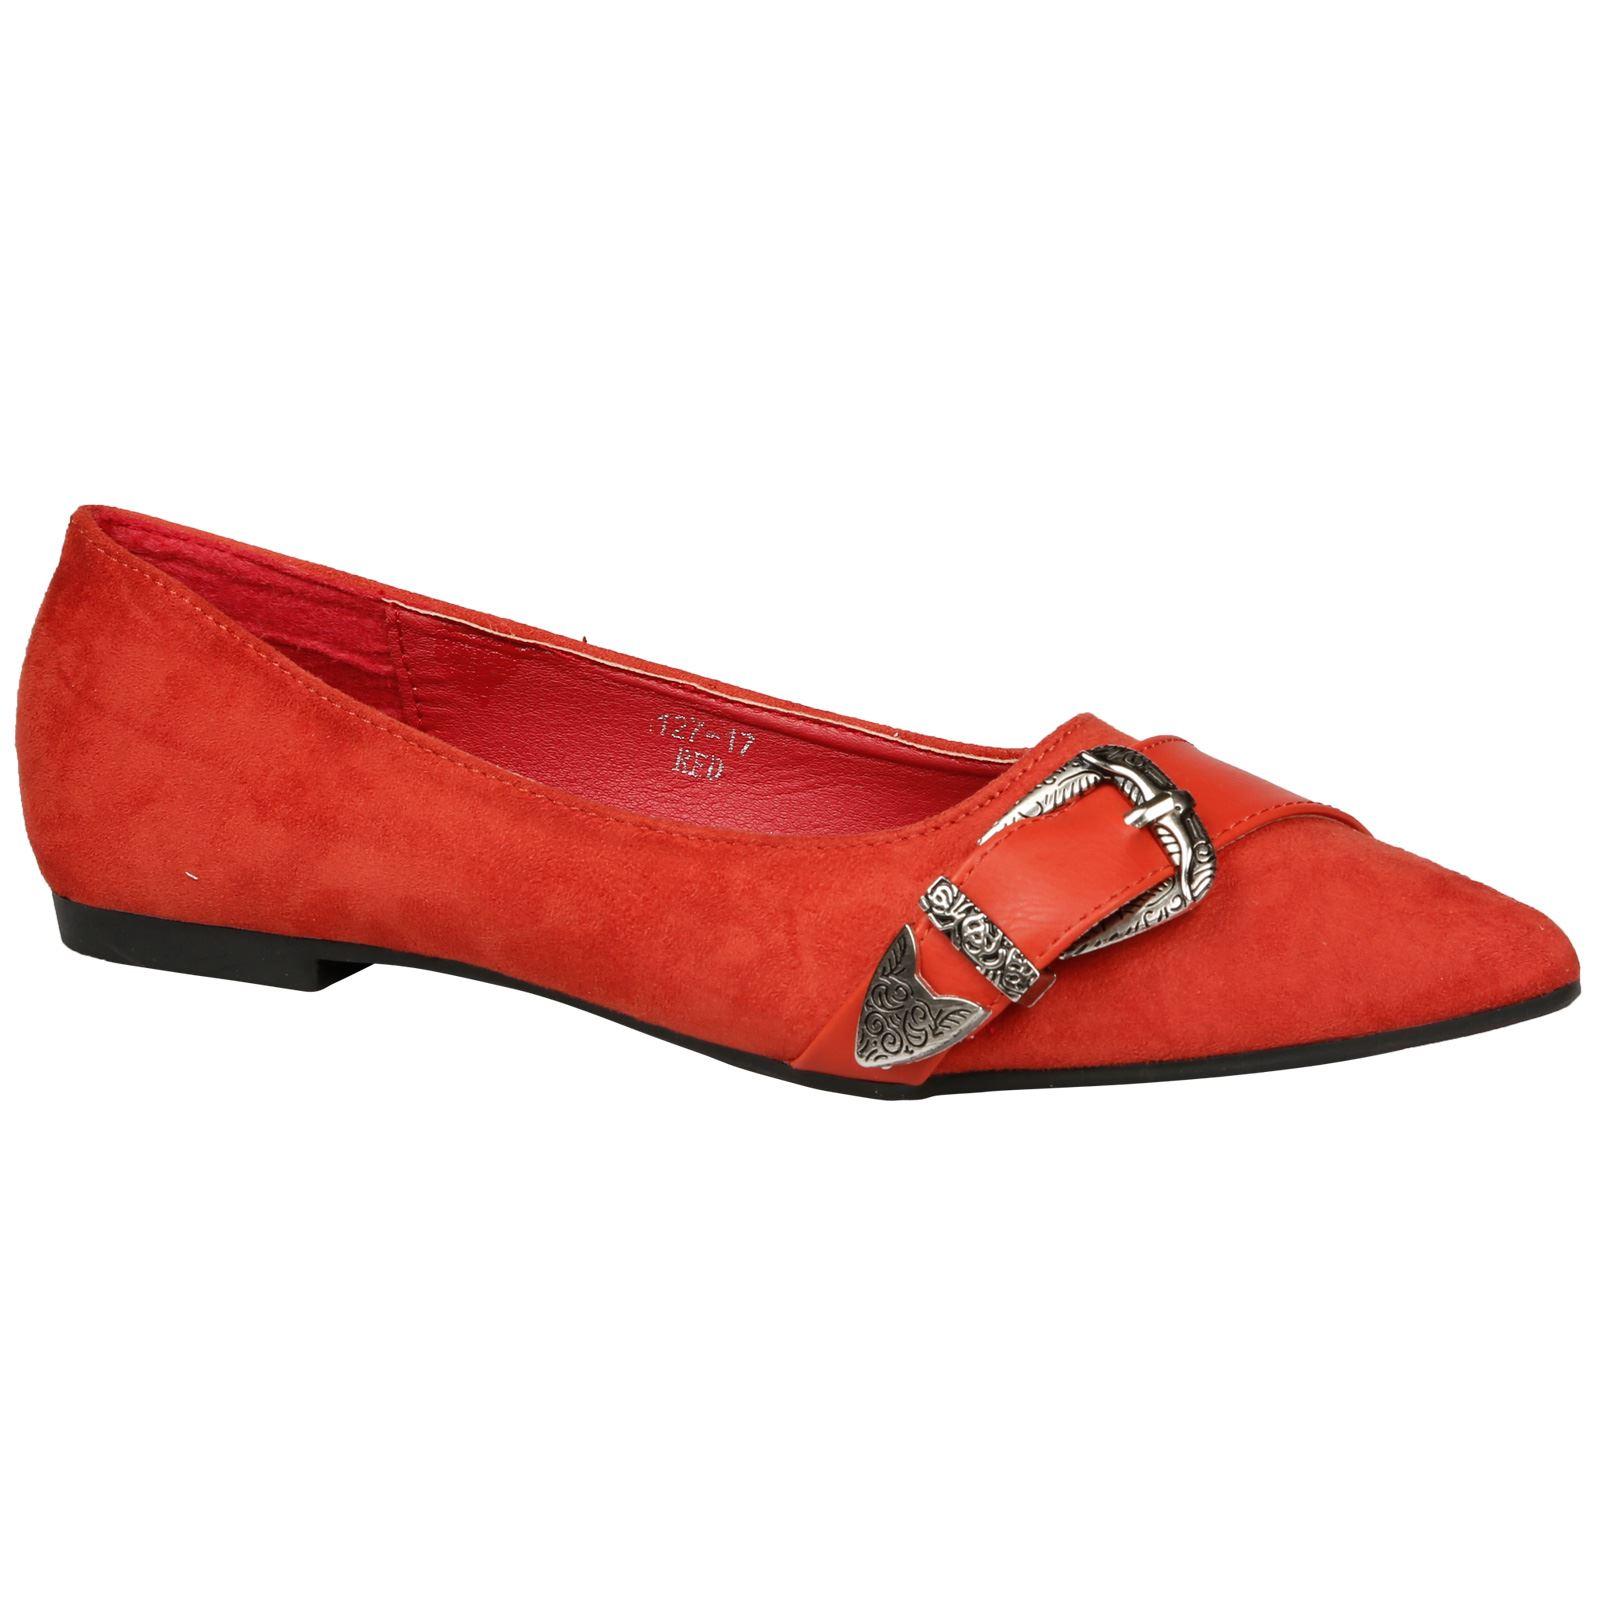 Zoie-Linea-Donna-Scarpe-Piatte-Ballerine-Con-Fibbia-e-Punta-Casual-Style-Size